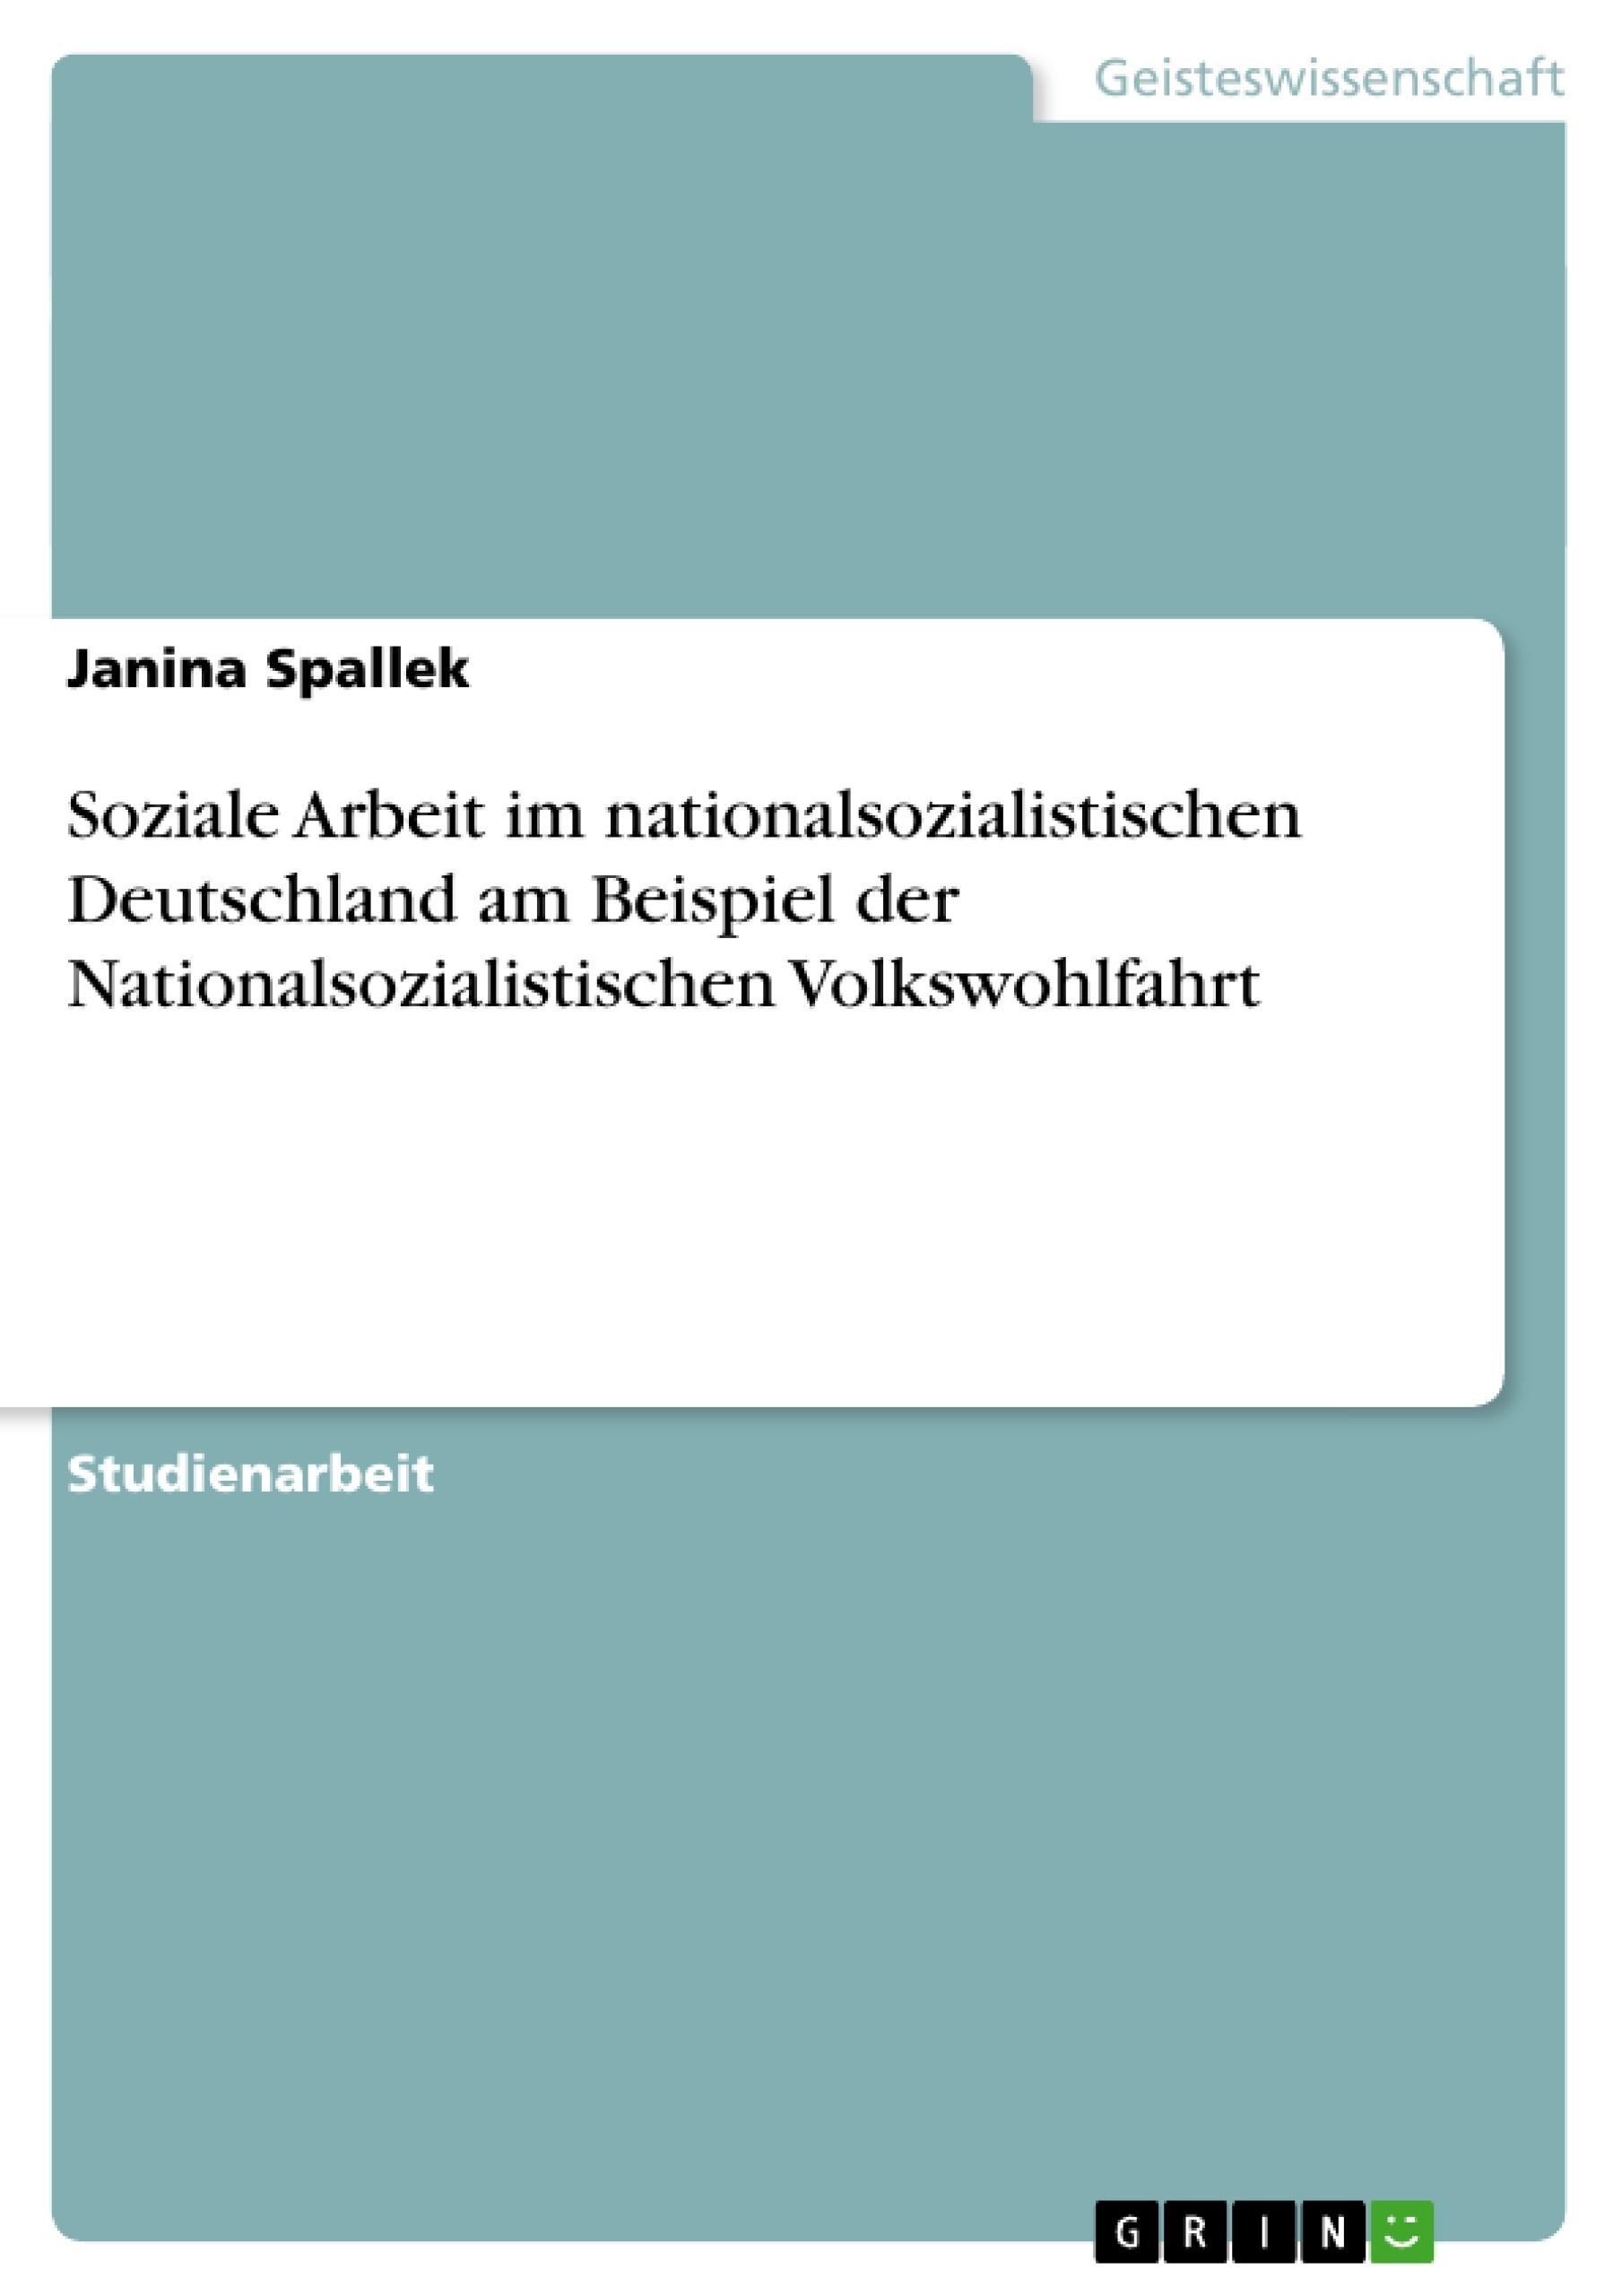 Titel: Soziale Arbeit im nationalsozialistischen Deutschland am Beispiel der Nationalsozialistischen Volkswohlfahrt